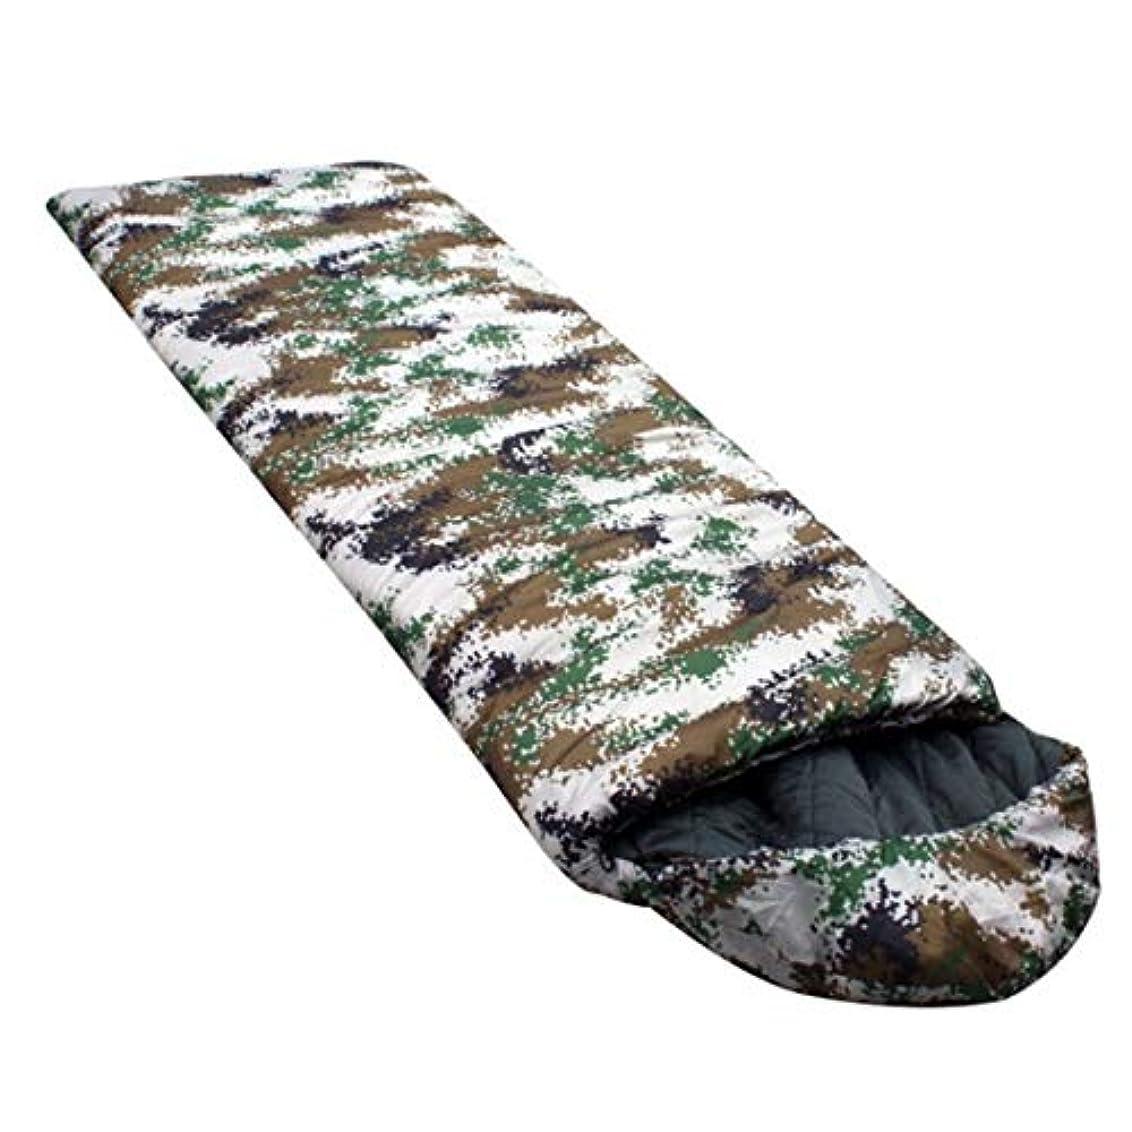 精神的に階下苦いノウ建材貿易 単身者キャンプスリーピングバッグ3シーズン暖かく 理想的なキャンプ用具、スカウト、ハイキング、バックパック(迷彩/軽量用) (サイズ : ワンサイズ)